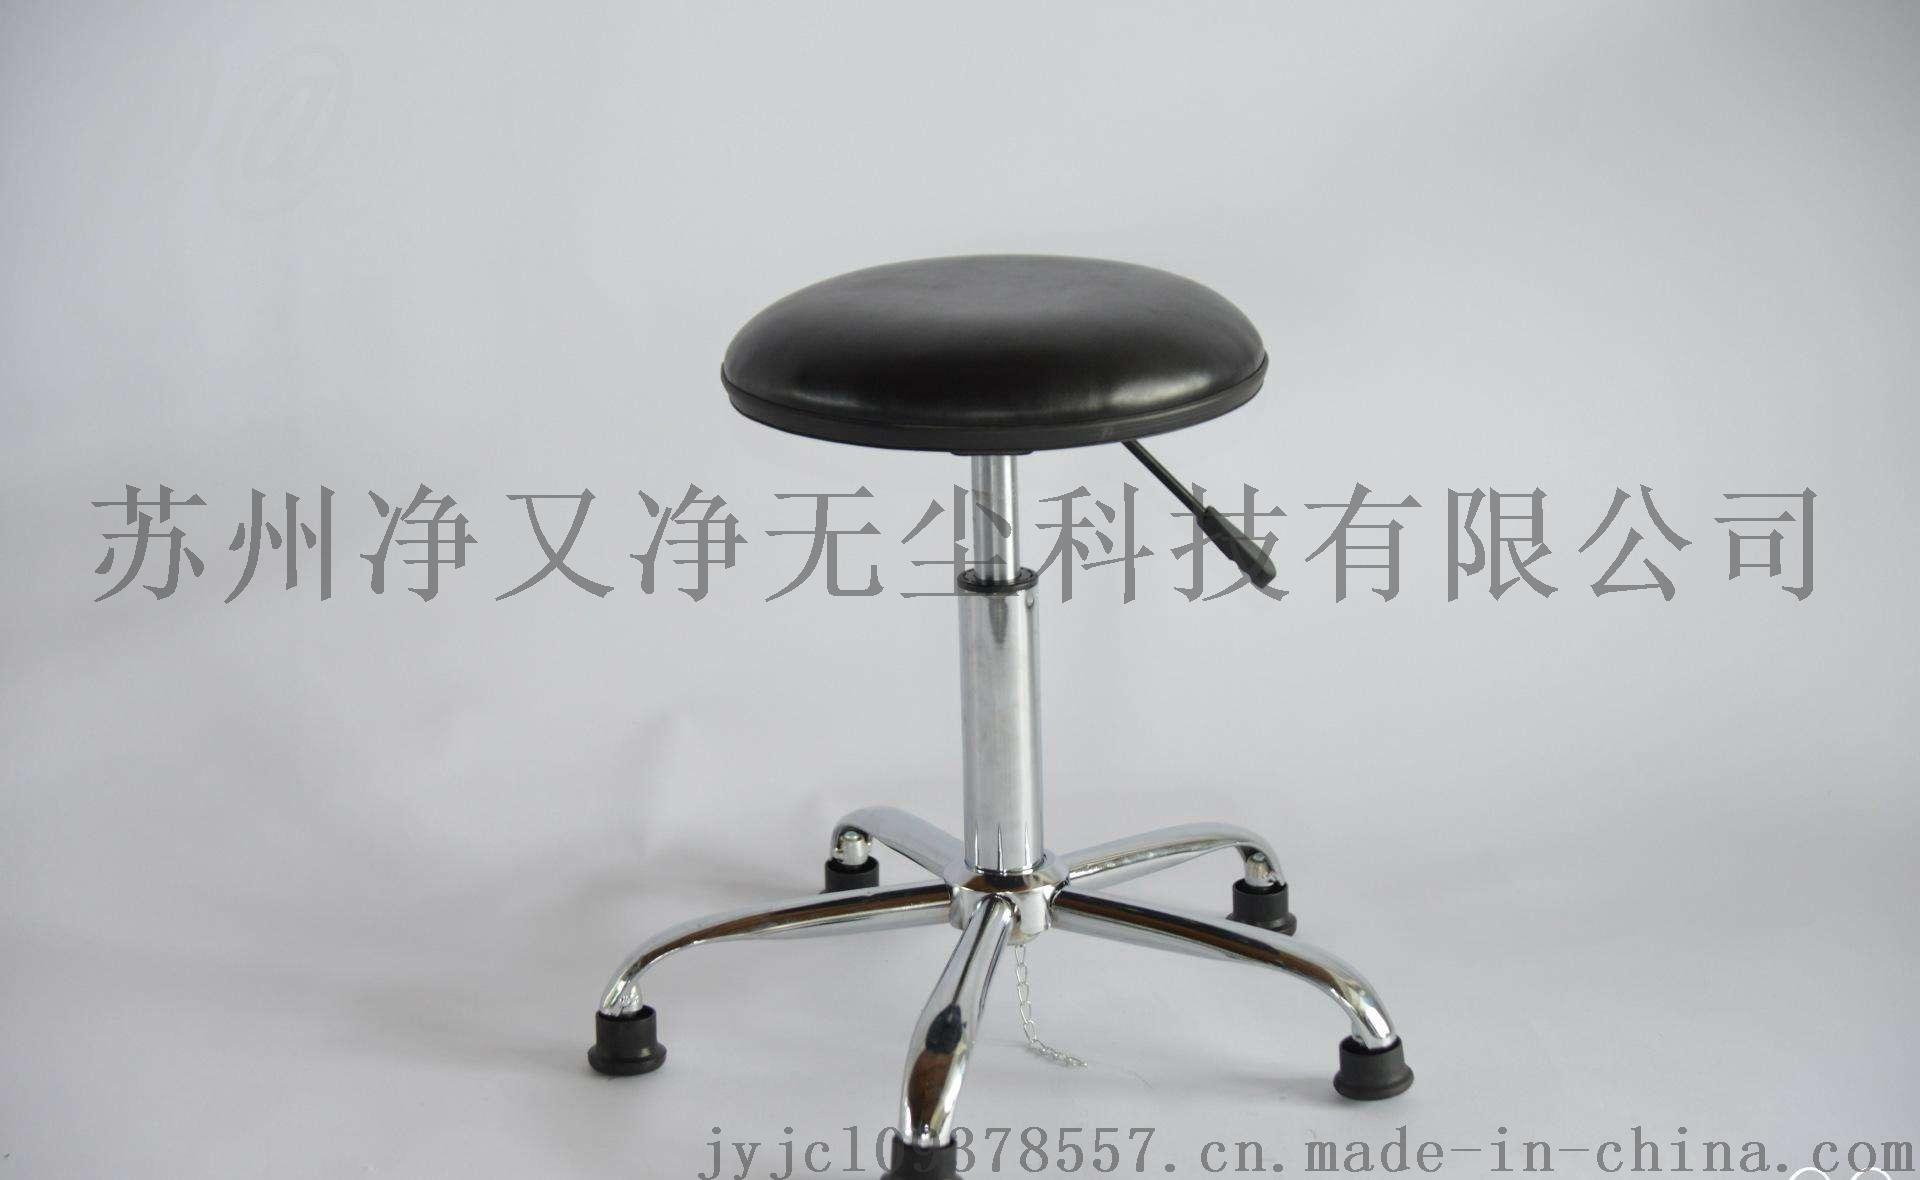 防静电椅子 厂家直销防静电椅靠背实验室椅子777950495